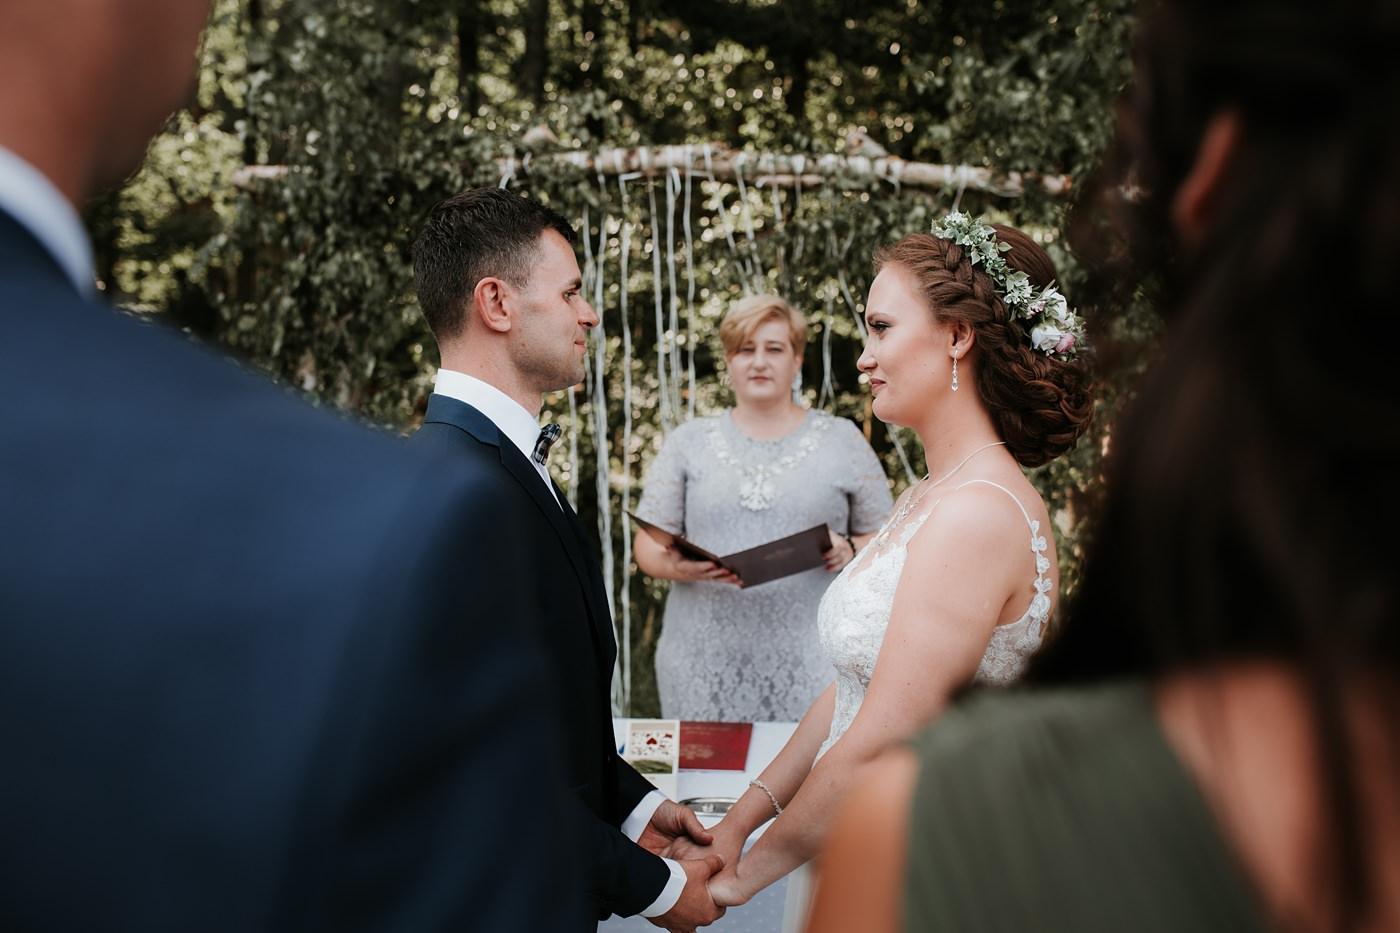 Anna & Wojtek - Ślub cywilny w plenerze - Barnówko w Sam Las 62